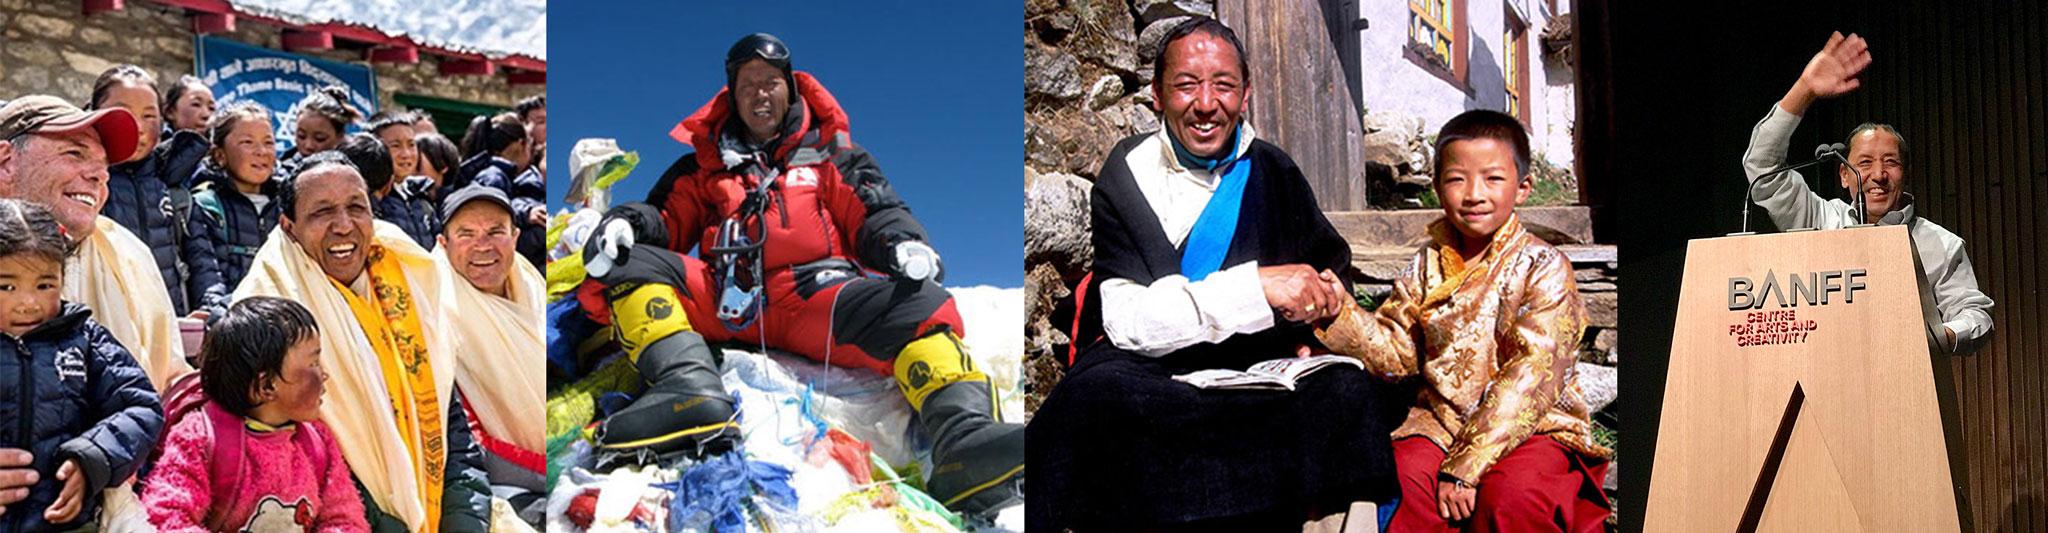 Apa Sherpa Banner